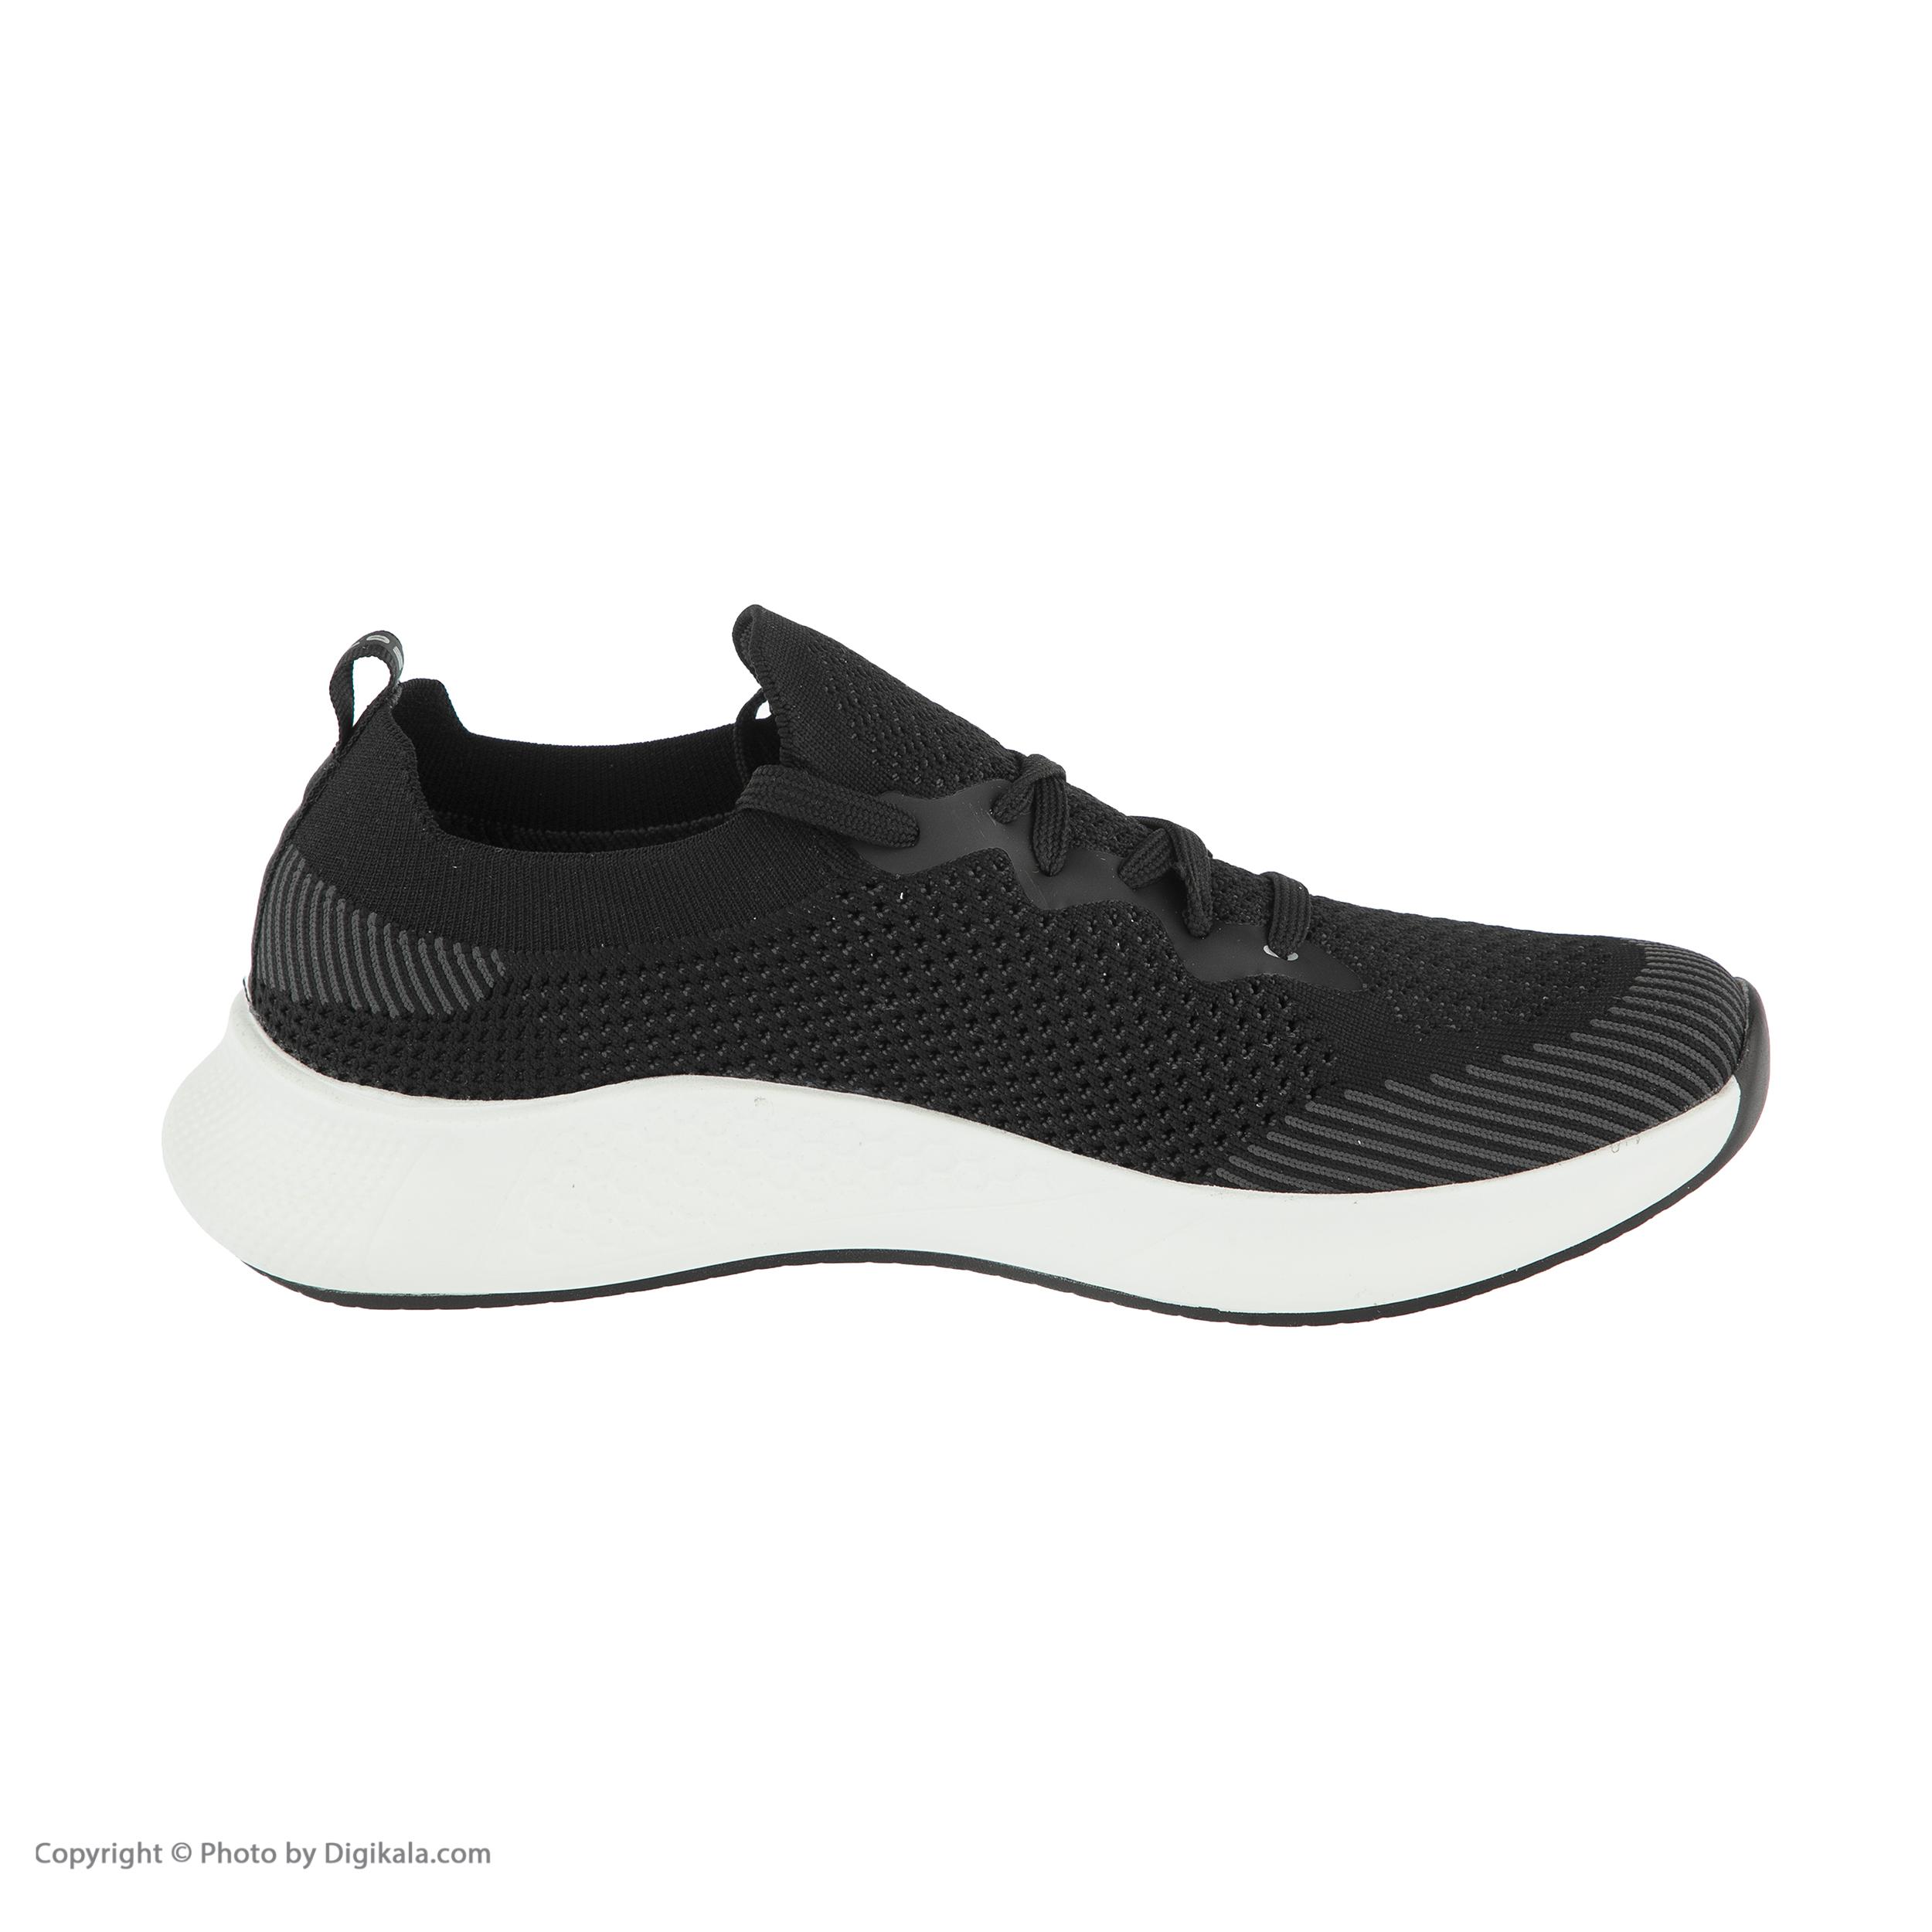 کفش پیاده روی مردانه مل اند موژ مدل 1020-16-001